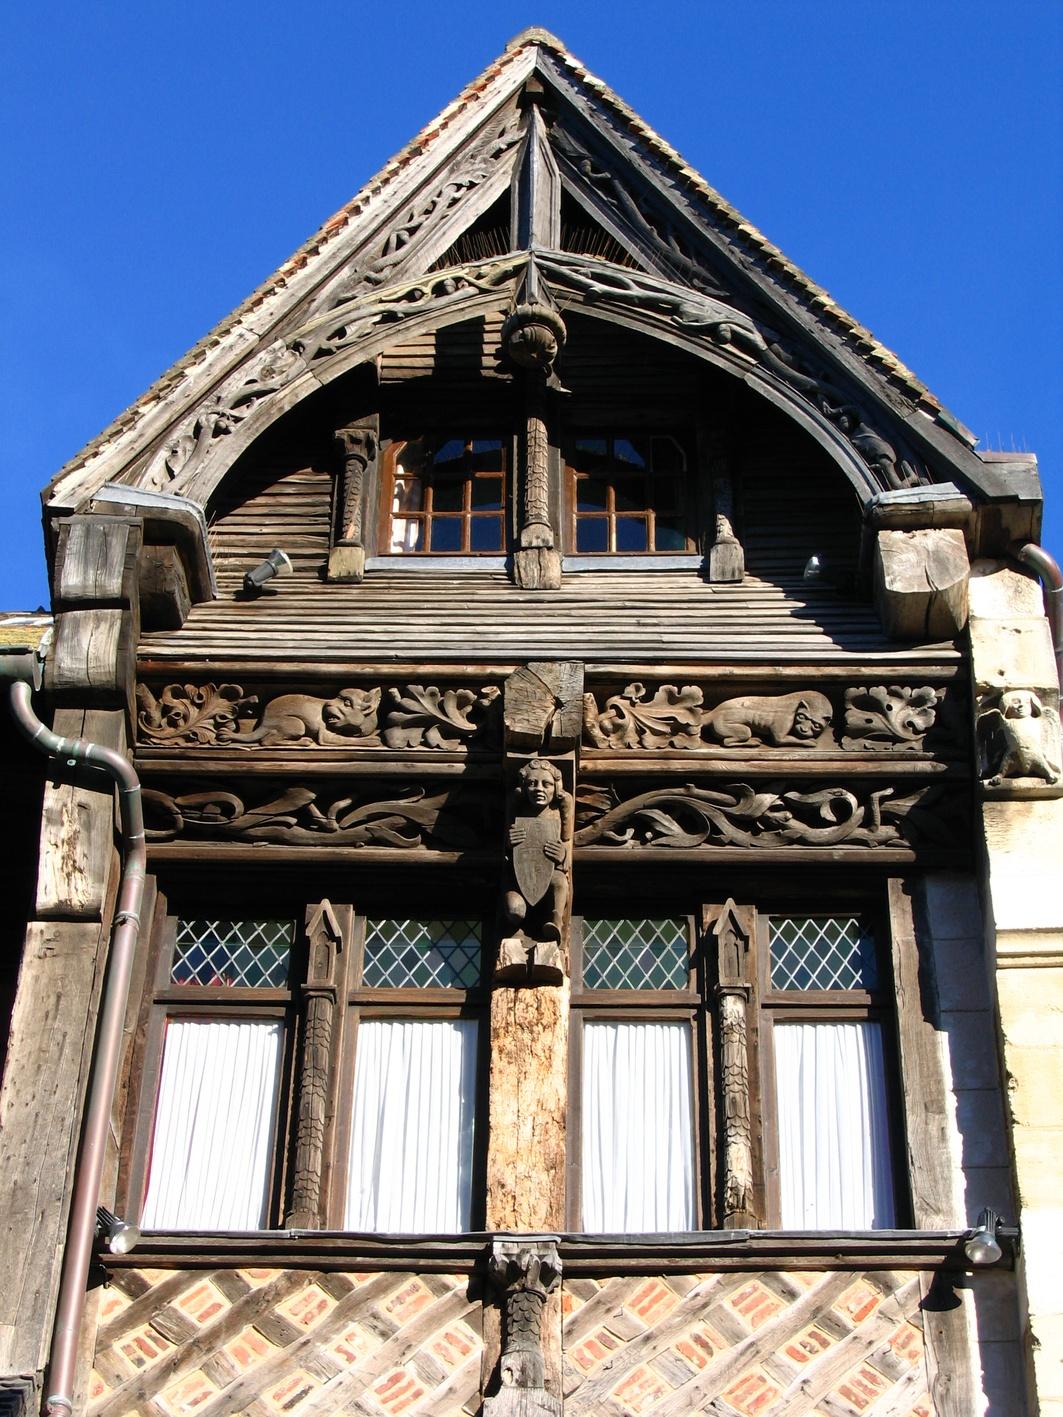 Datei:Etretat décor de maison à colombages.jpg – Wikipedia